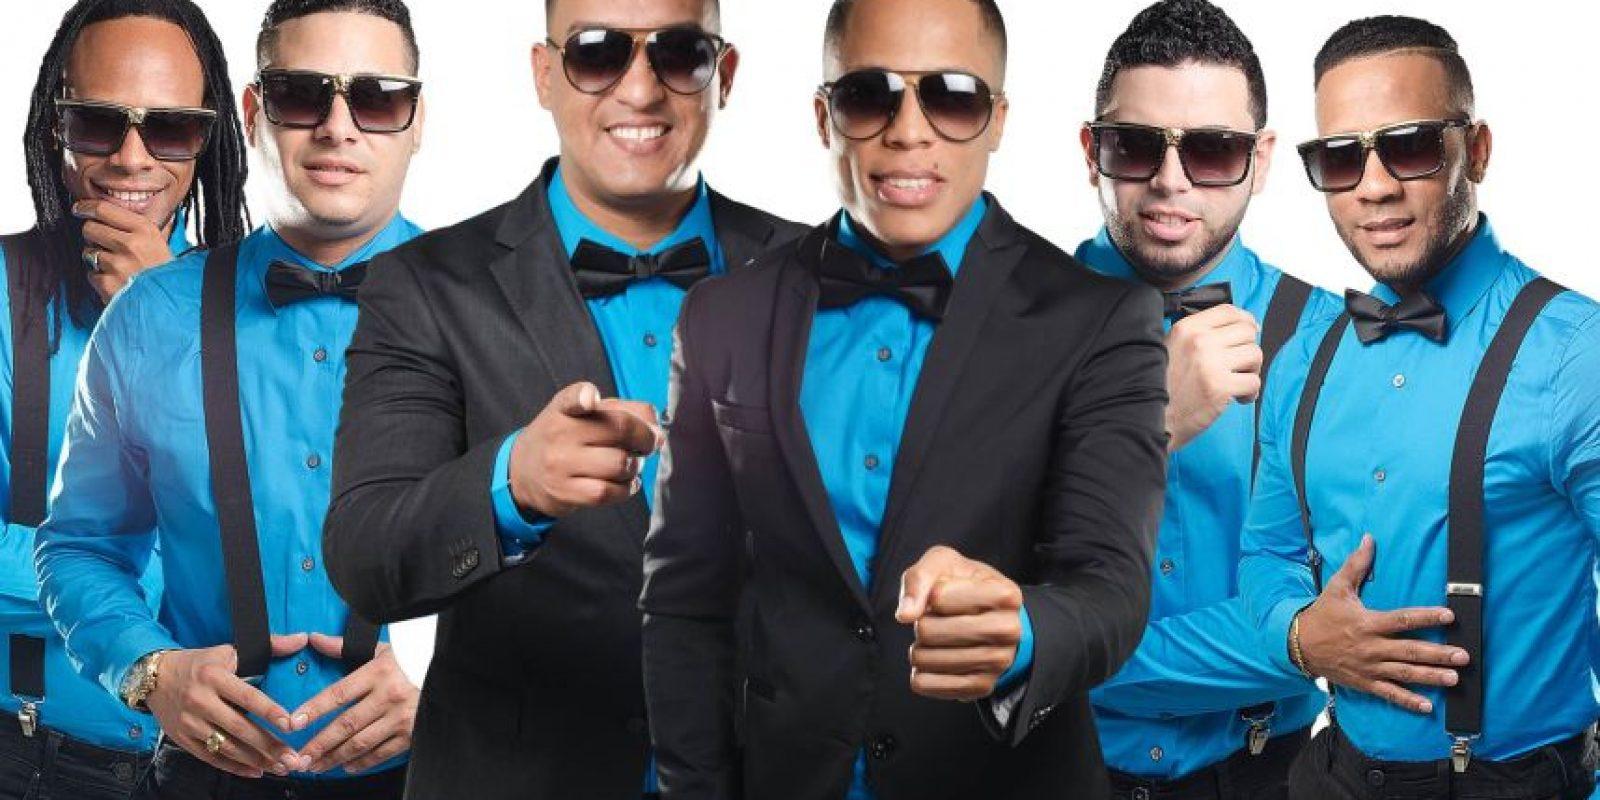 """Chiquito Team Band: ¿Quién no ha cantado """"La llamado de mi ex""""? El tema se ubica entre las mejores salsas del año. """"Yo no te cambio por ninguna"""" también es de los hits que han posicionado a este grupo."""